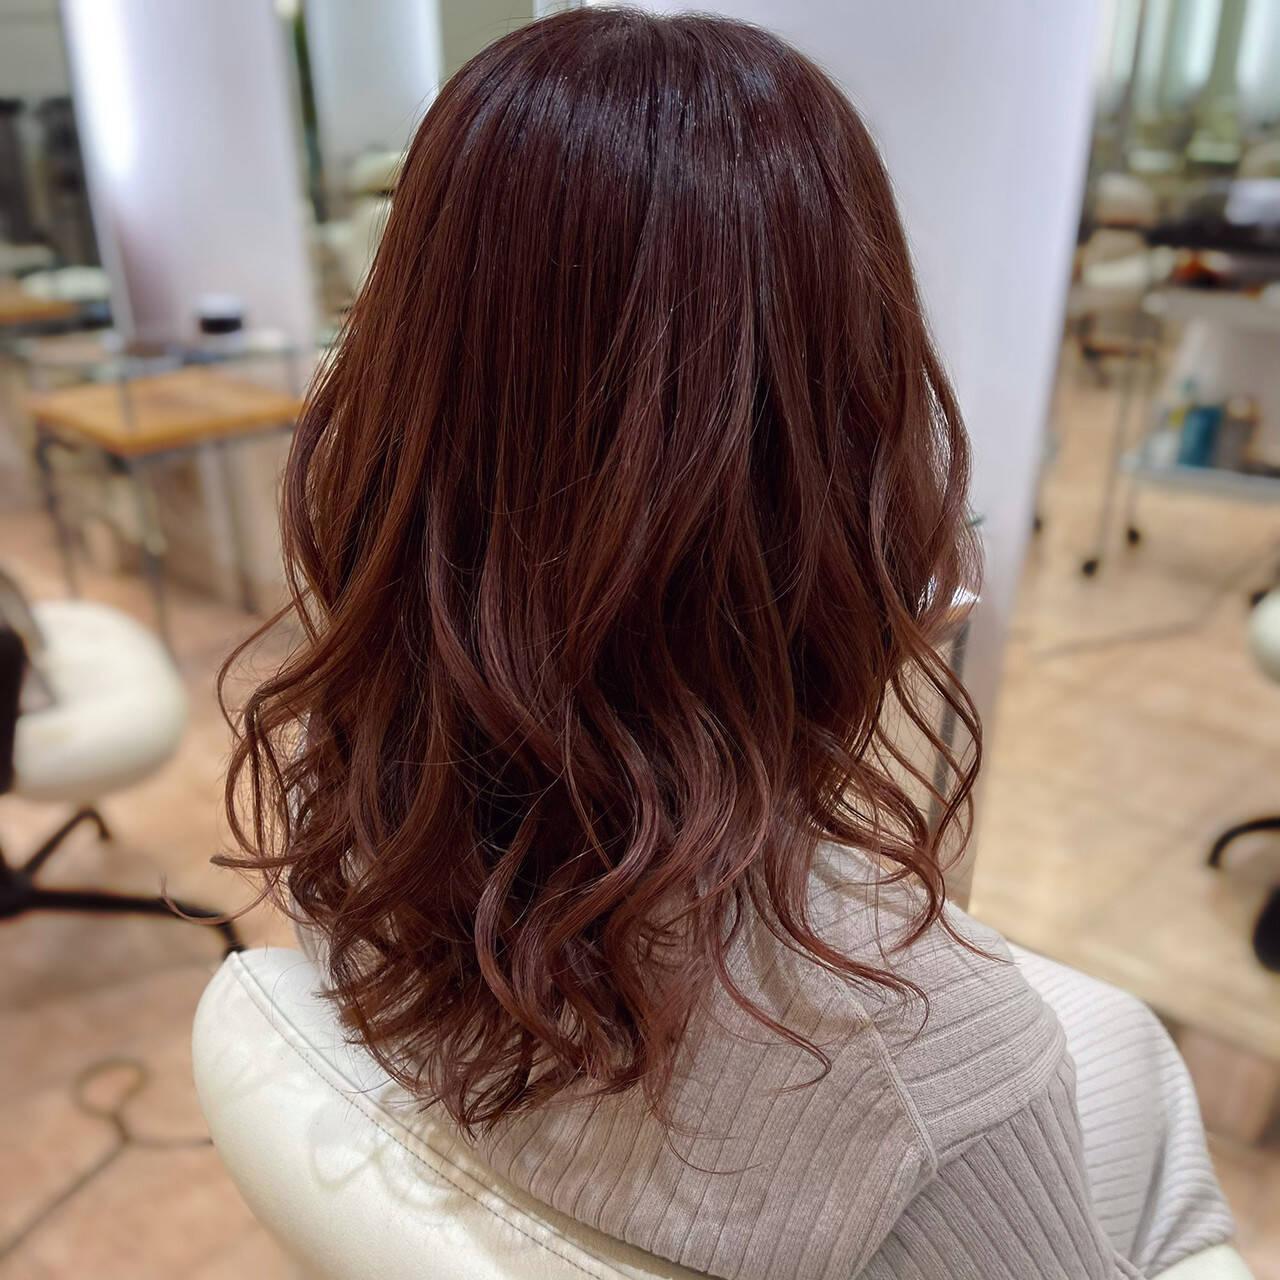 エレガント チェリー コーラル コーラルピンクヘアスタイルや髪型の写真・画像